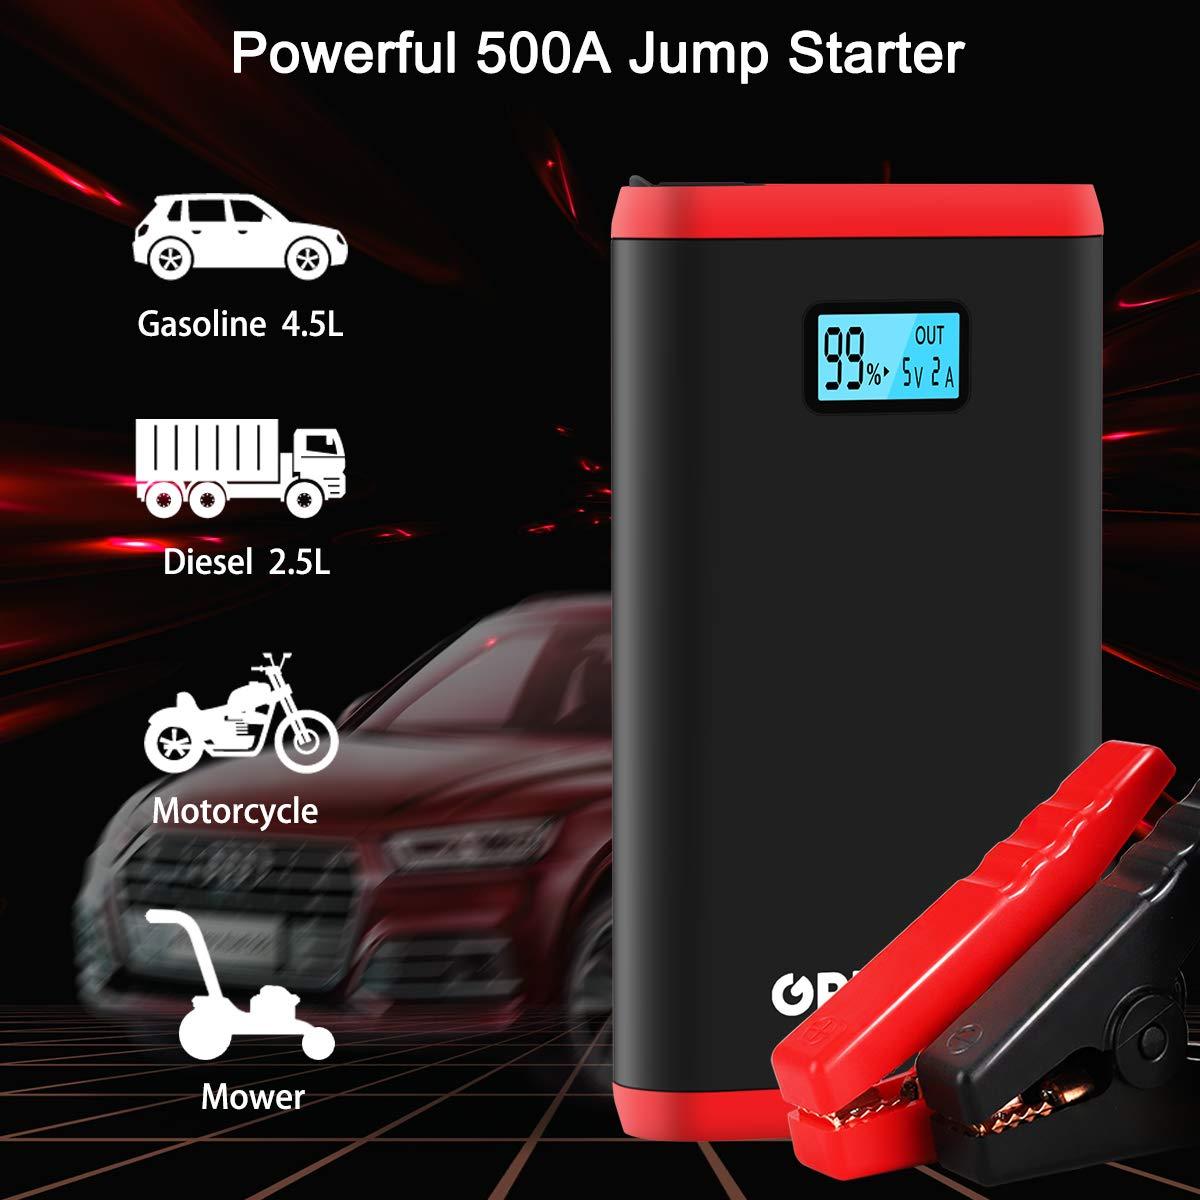 GREPRO Avviatore per Auto 500A Jump Starter Diesel per Veicoli di 12V Il Veicolo a Benzina Raggiunge 4.5L e Il Veicolo Diesel Raggiunge 2.5L Avviamento dEmergenza Batteria Auto